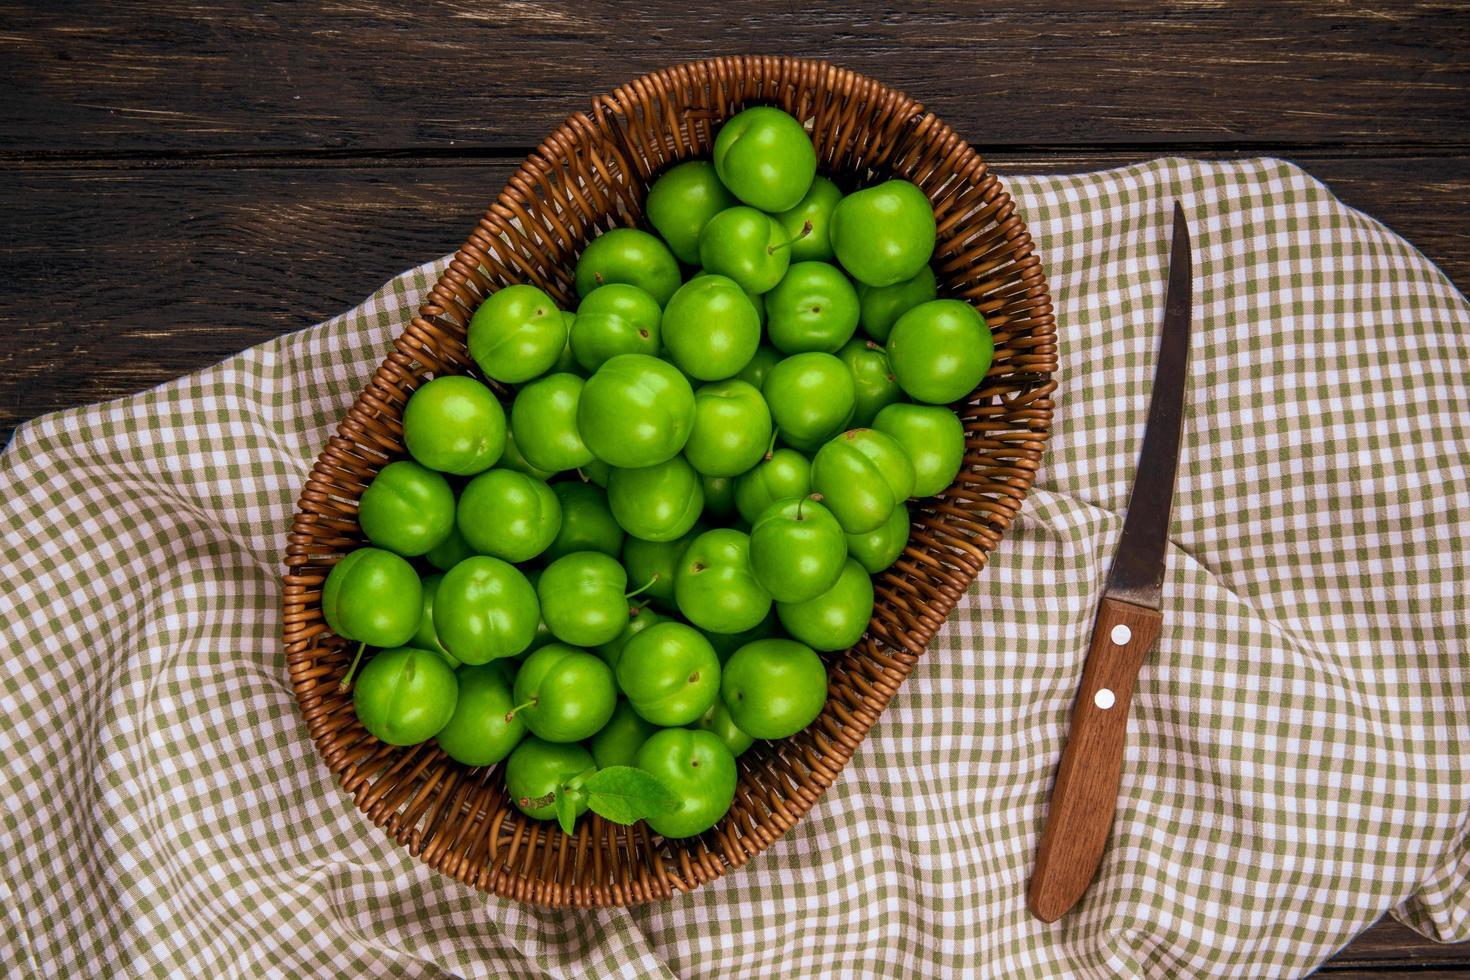 saure grüne Pflaumen in einem Weidenkorb mit einem Küchenmesser auf kariertem Stoff foto